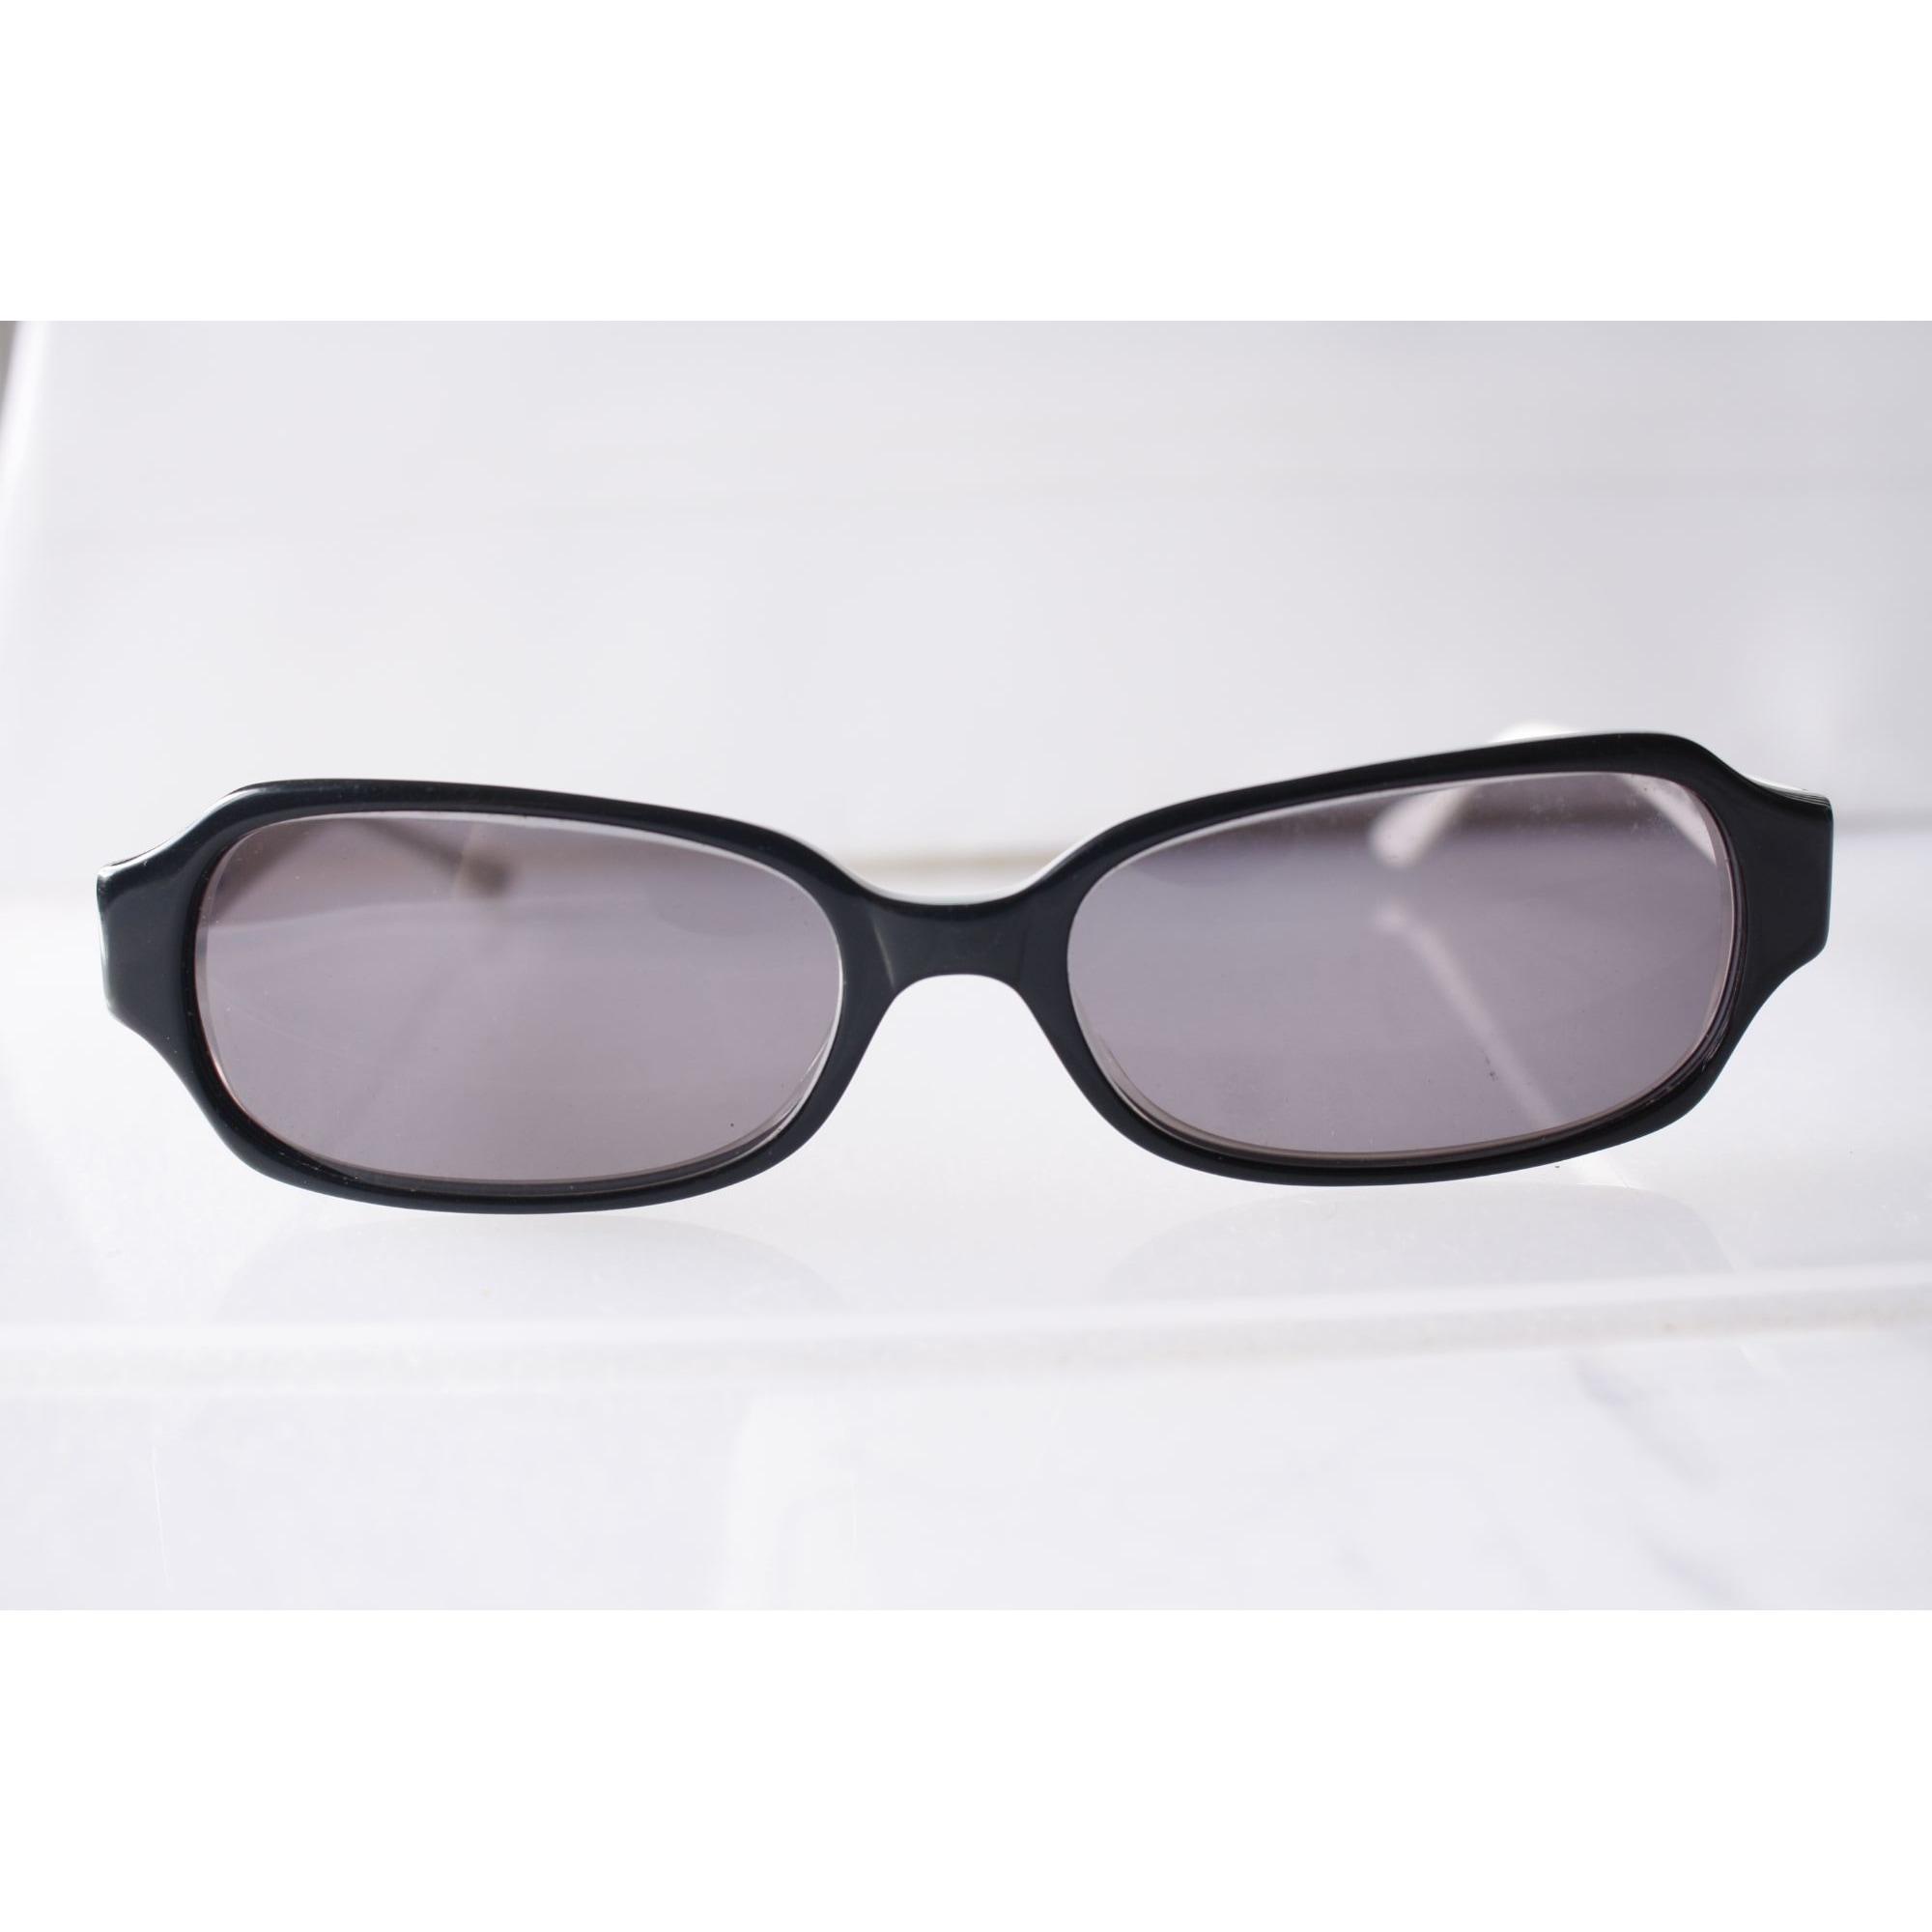 a0a26d0ca2952 Monture de lunettes ALAIN AFFLELOU noir - 7986383